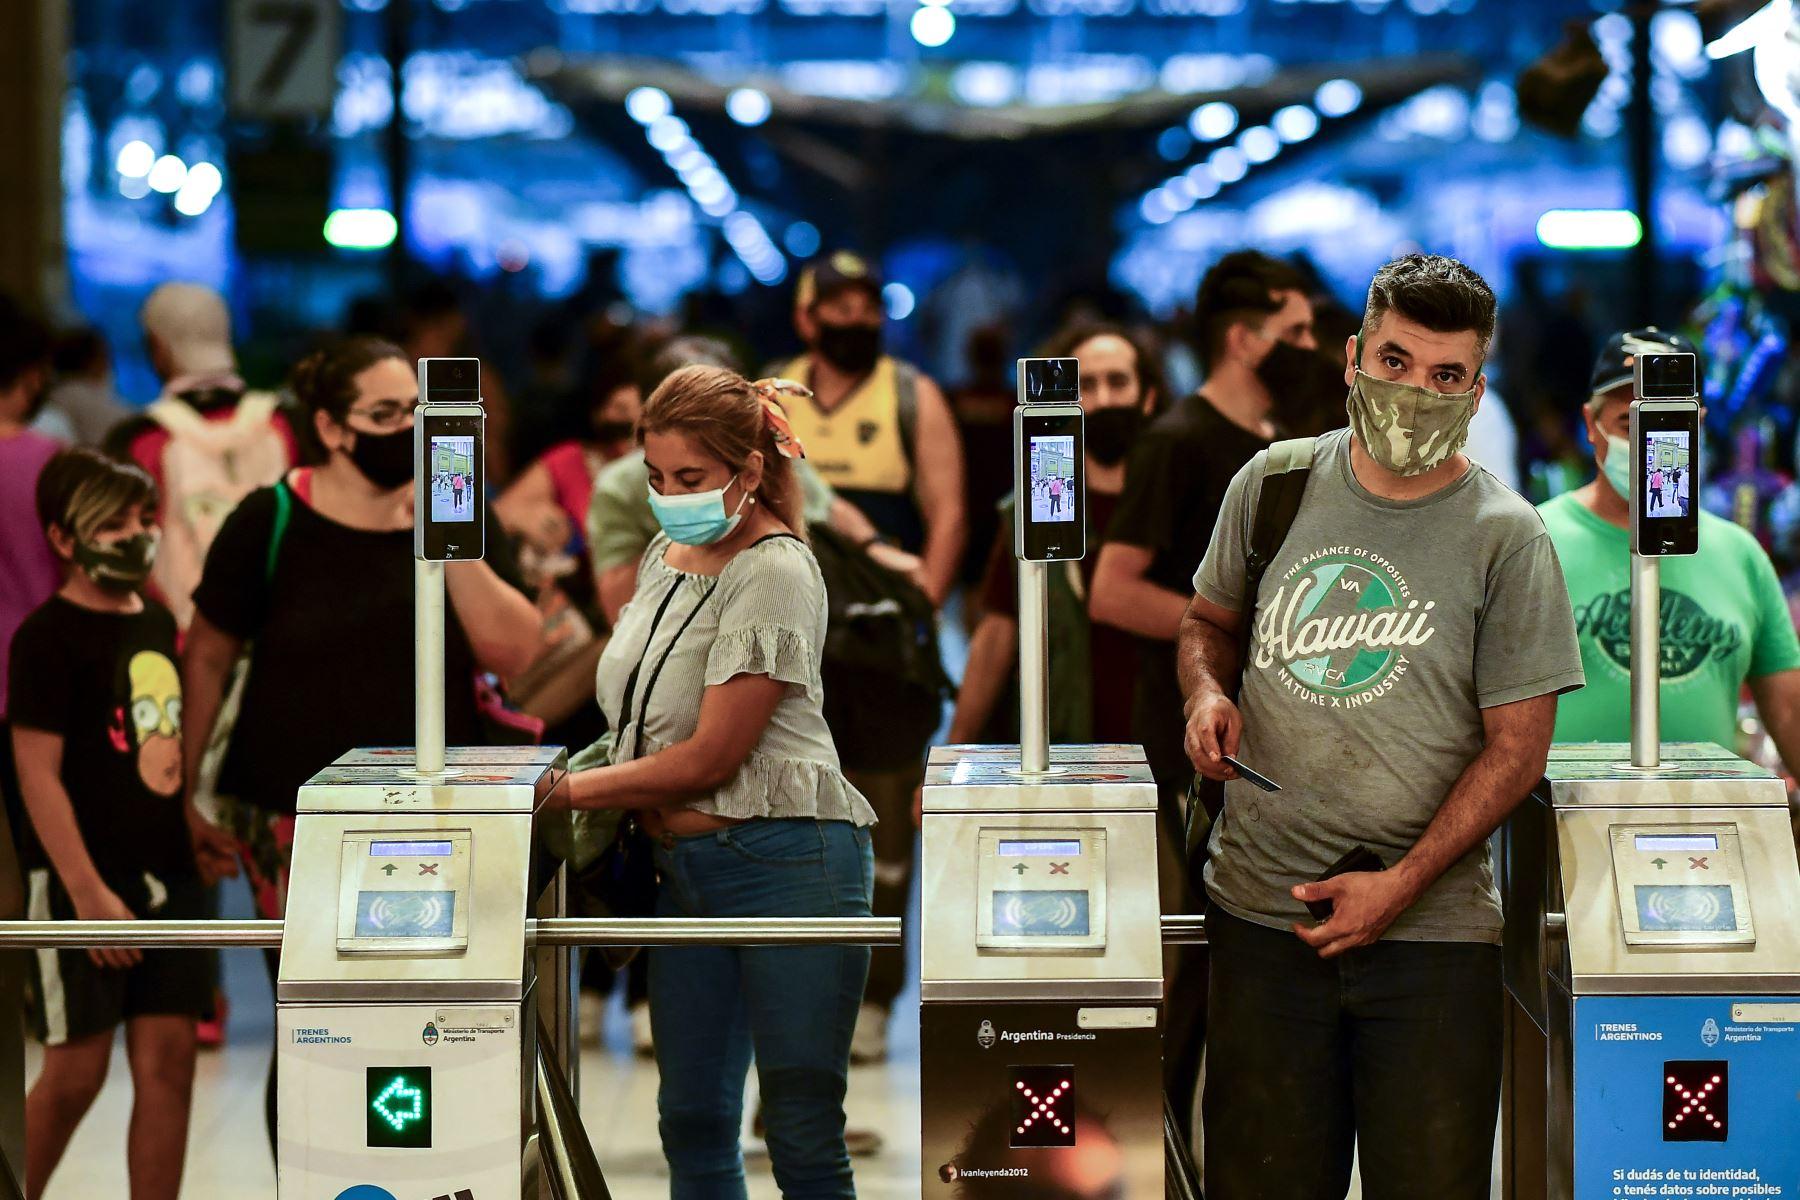 Personas con mascarillas protectoras ingresan a la estación de tren Constitución en Buenos Aires, el 6 de abril de 2021. Foto: AFP